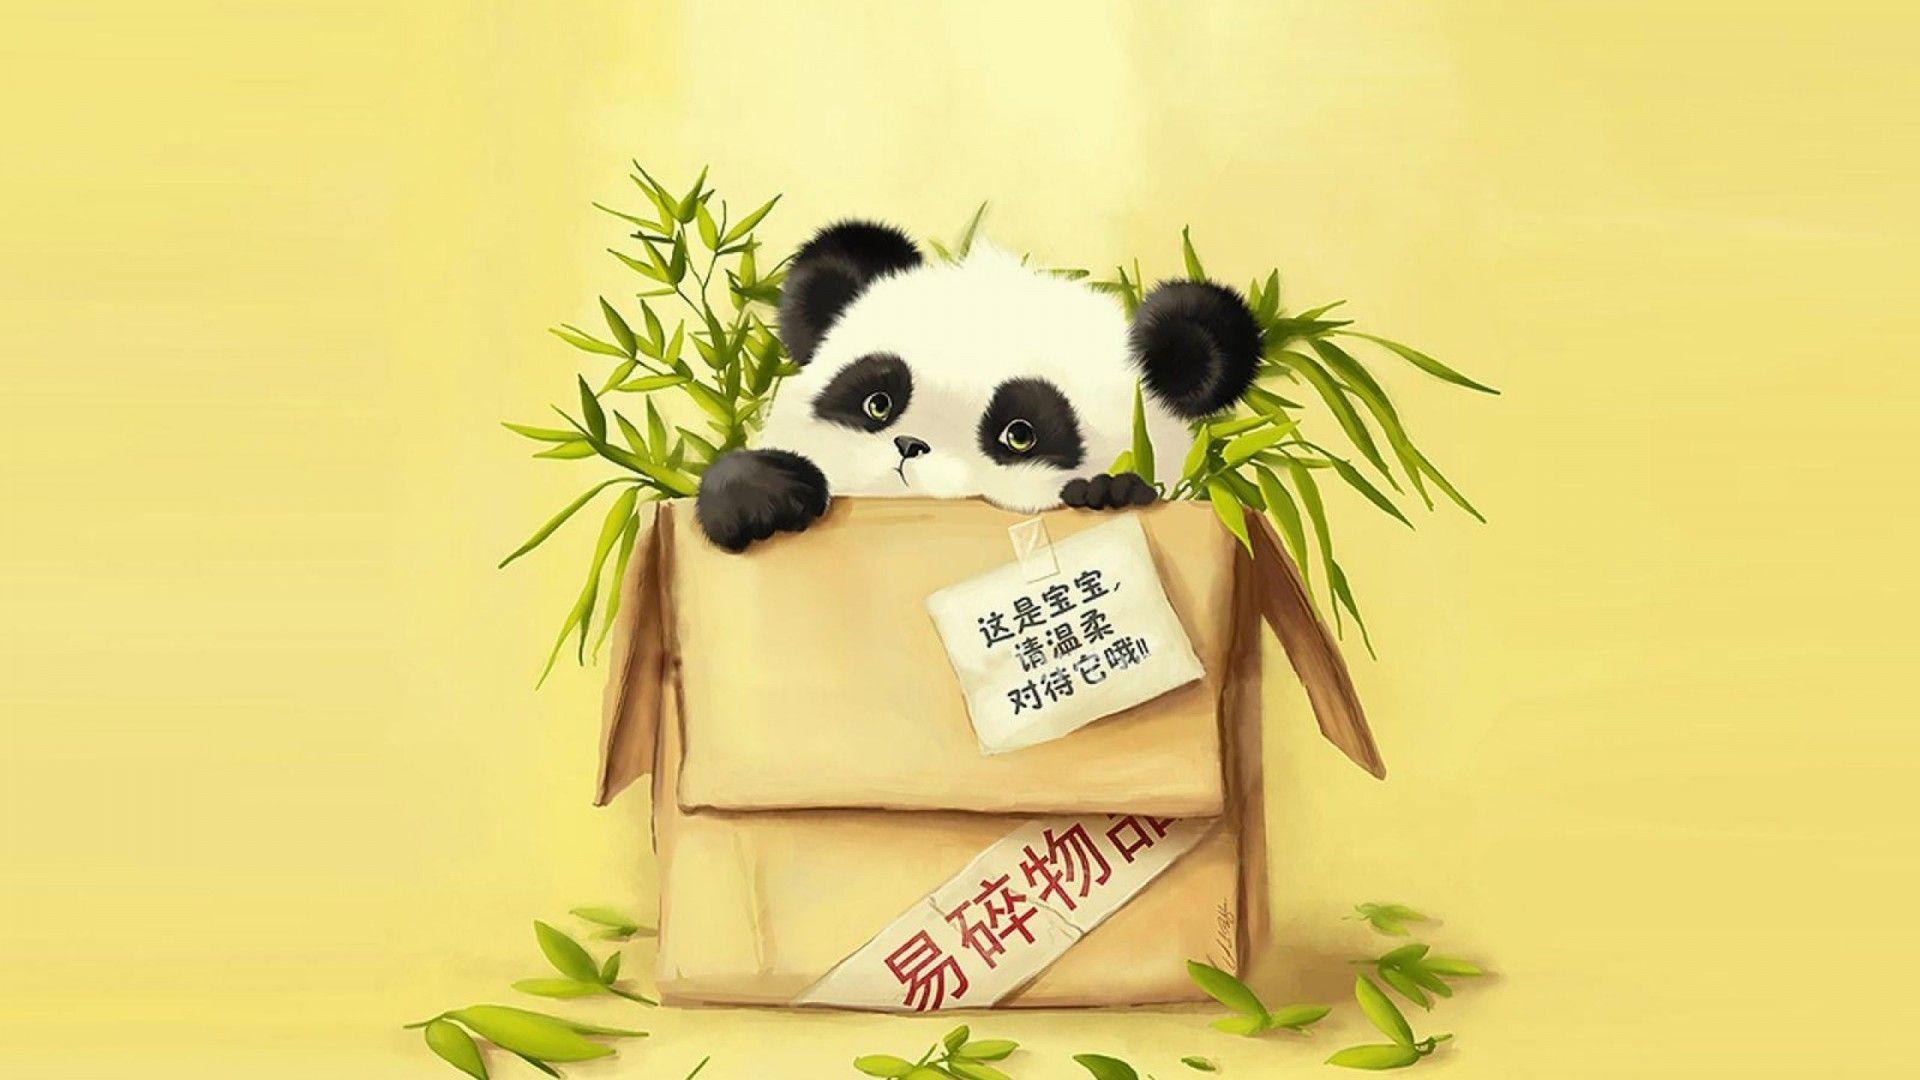 wallpaper.wiki-Cute-Panda-HD-Wallpapers-Tumblr-PIC-